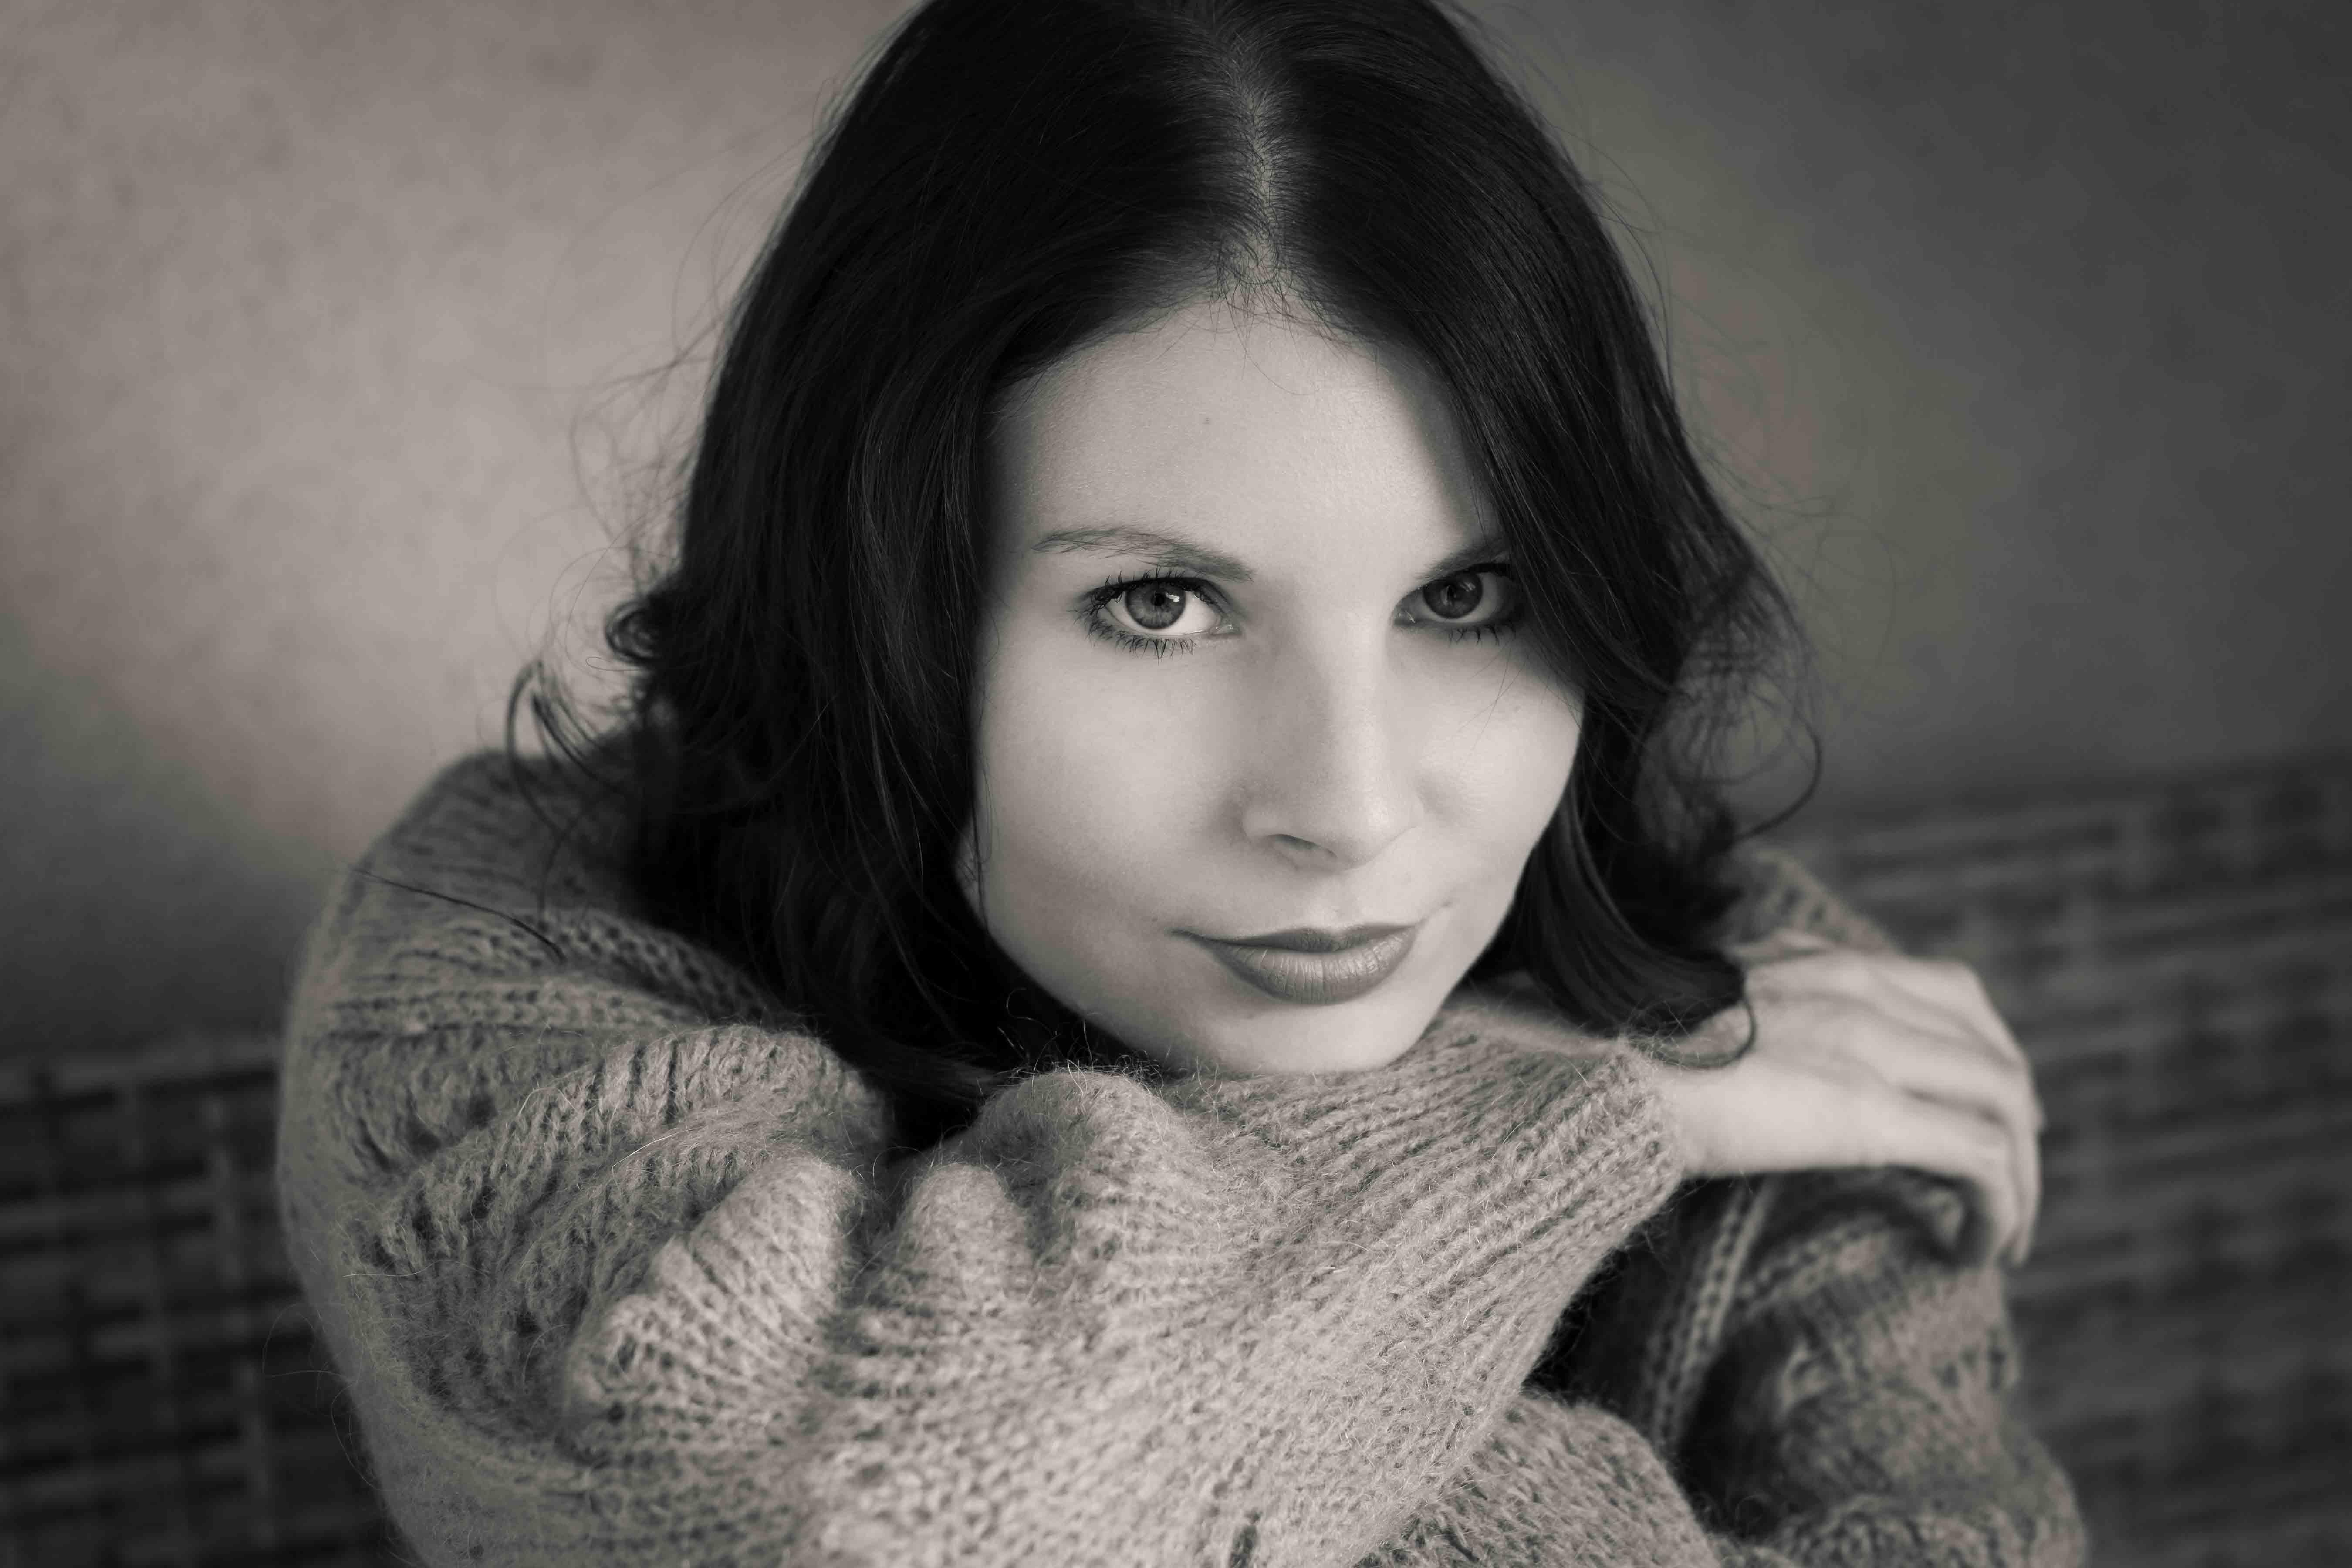 Bewerbungsbilder und Portraits IMG 5270-2w